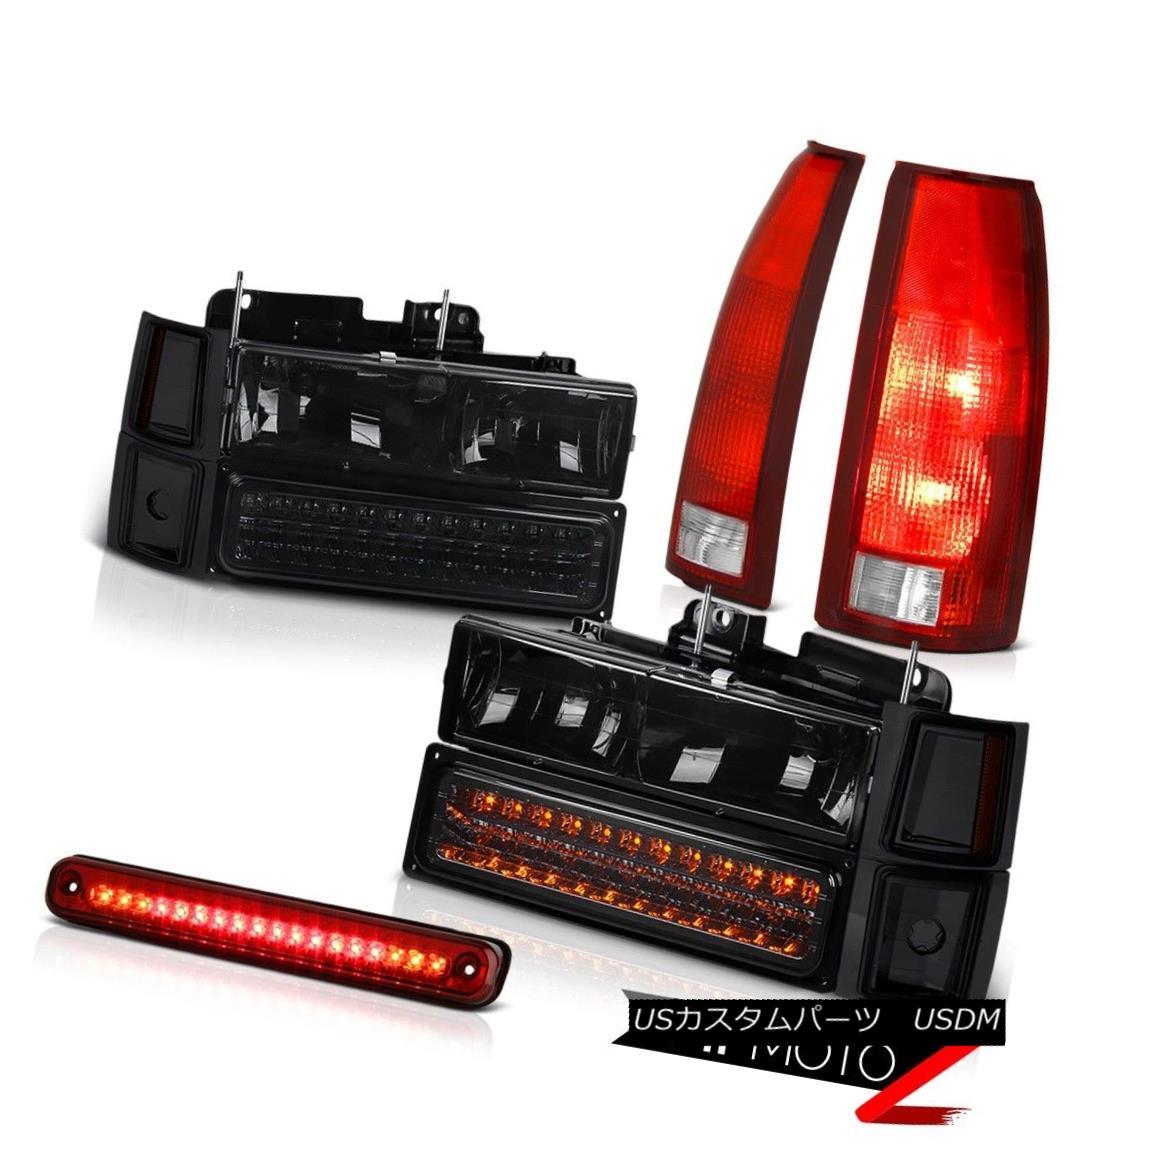 1994-1998シボレーC3500第3ブレーキライトテールランプスモーキー8個ヘッドライトコンボ 1994-1998 Third Brake 8Pcs Headlight Combo Lamps テールライト Light Tail Smokey C3500 Chevy